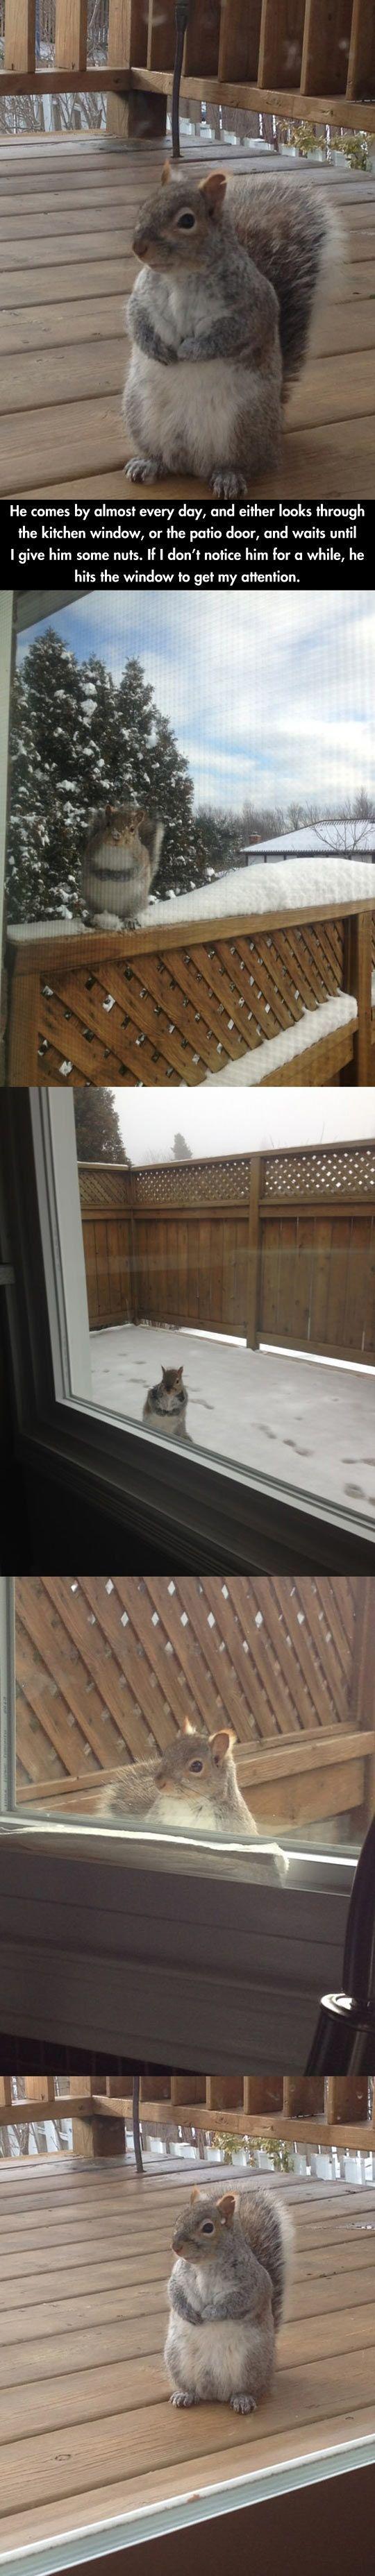 Squirrel friend!